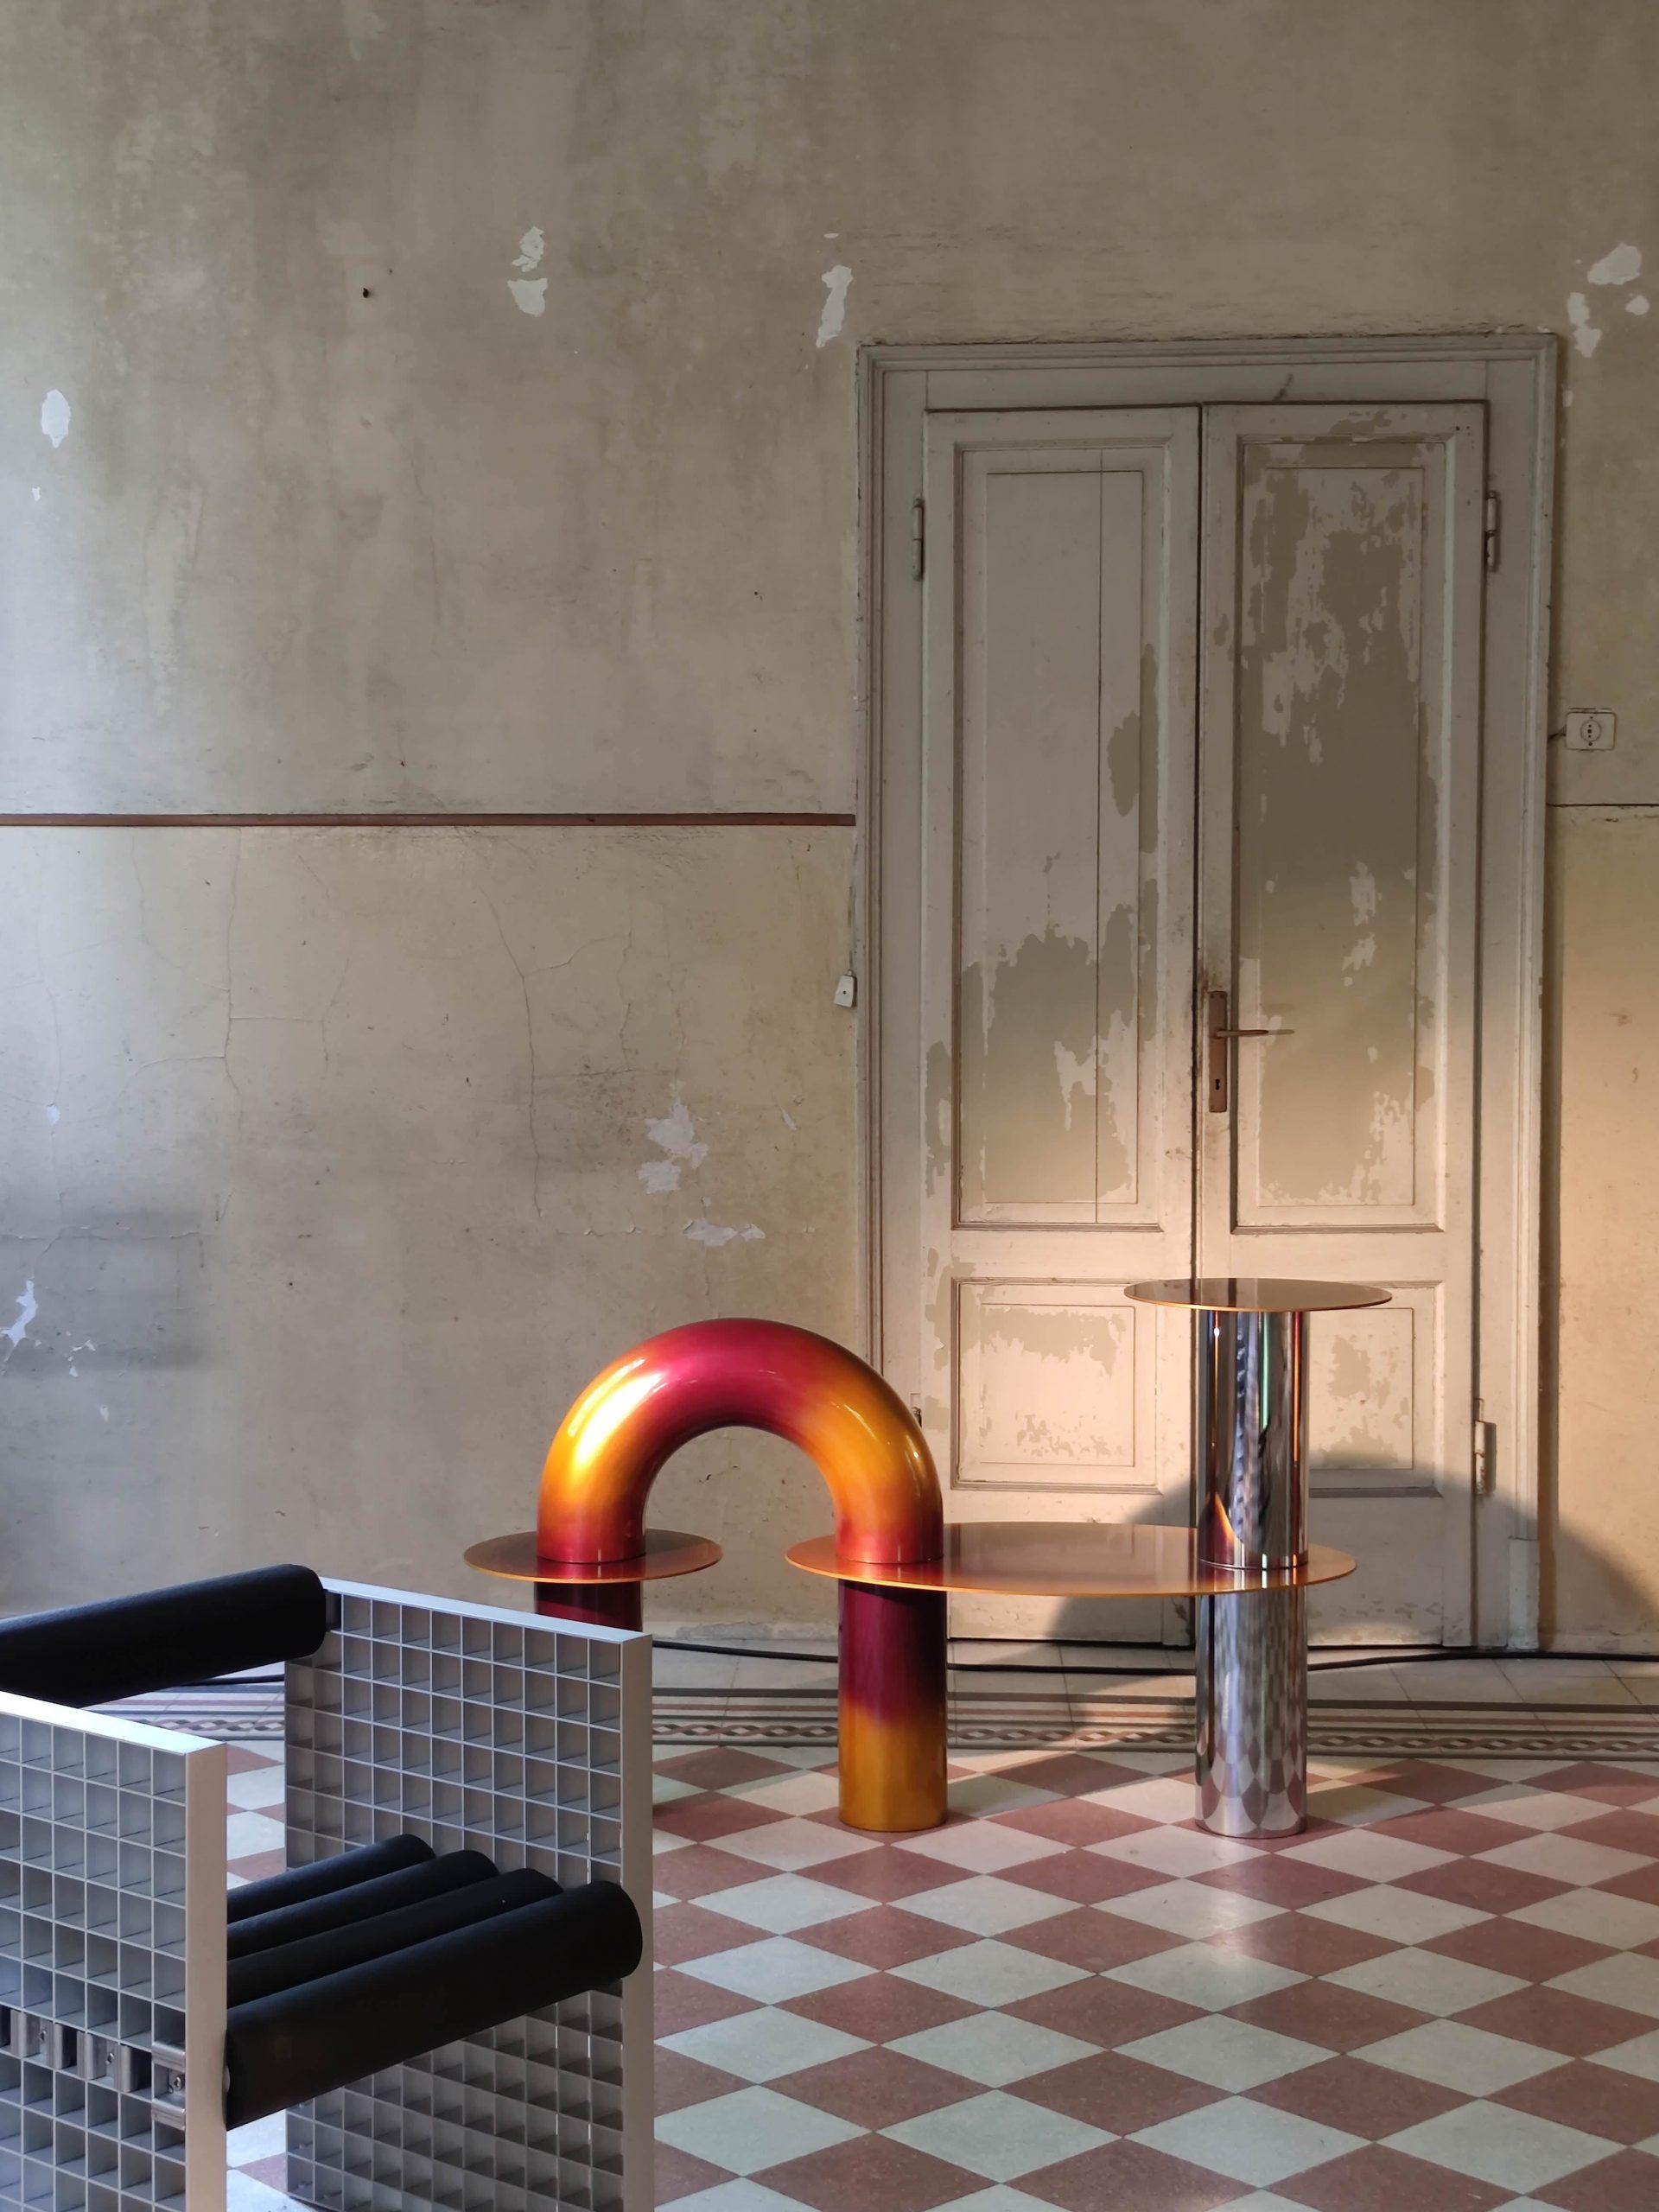 Milan Design Week 2021 Nilufar Gallery Brassless